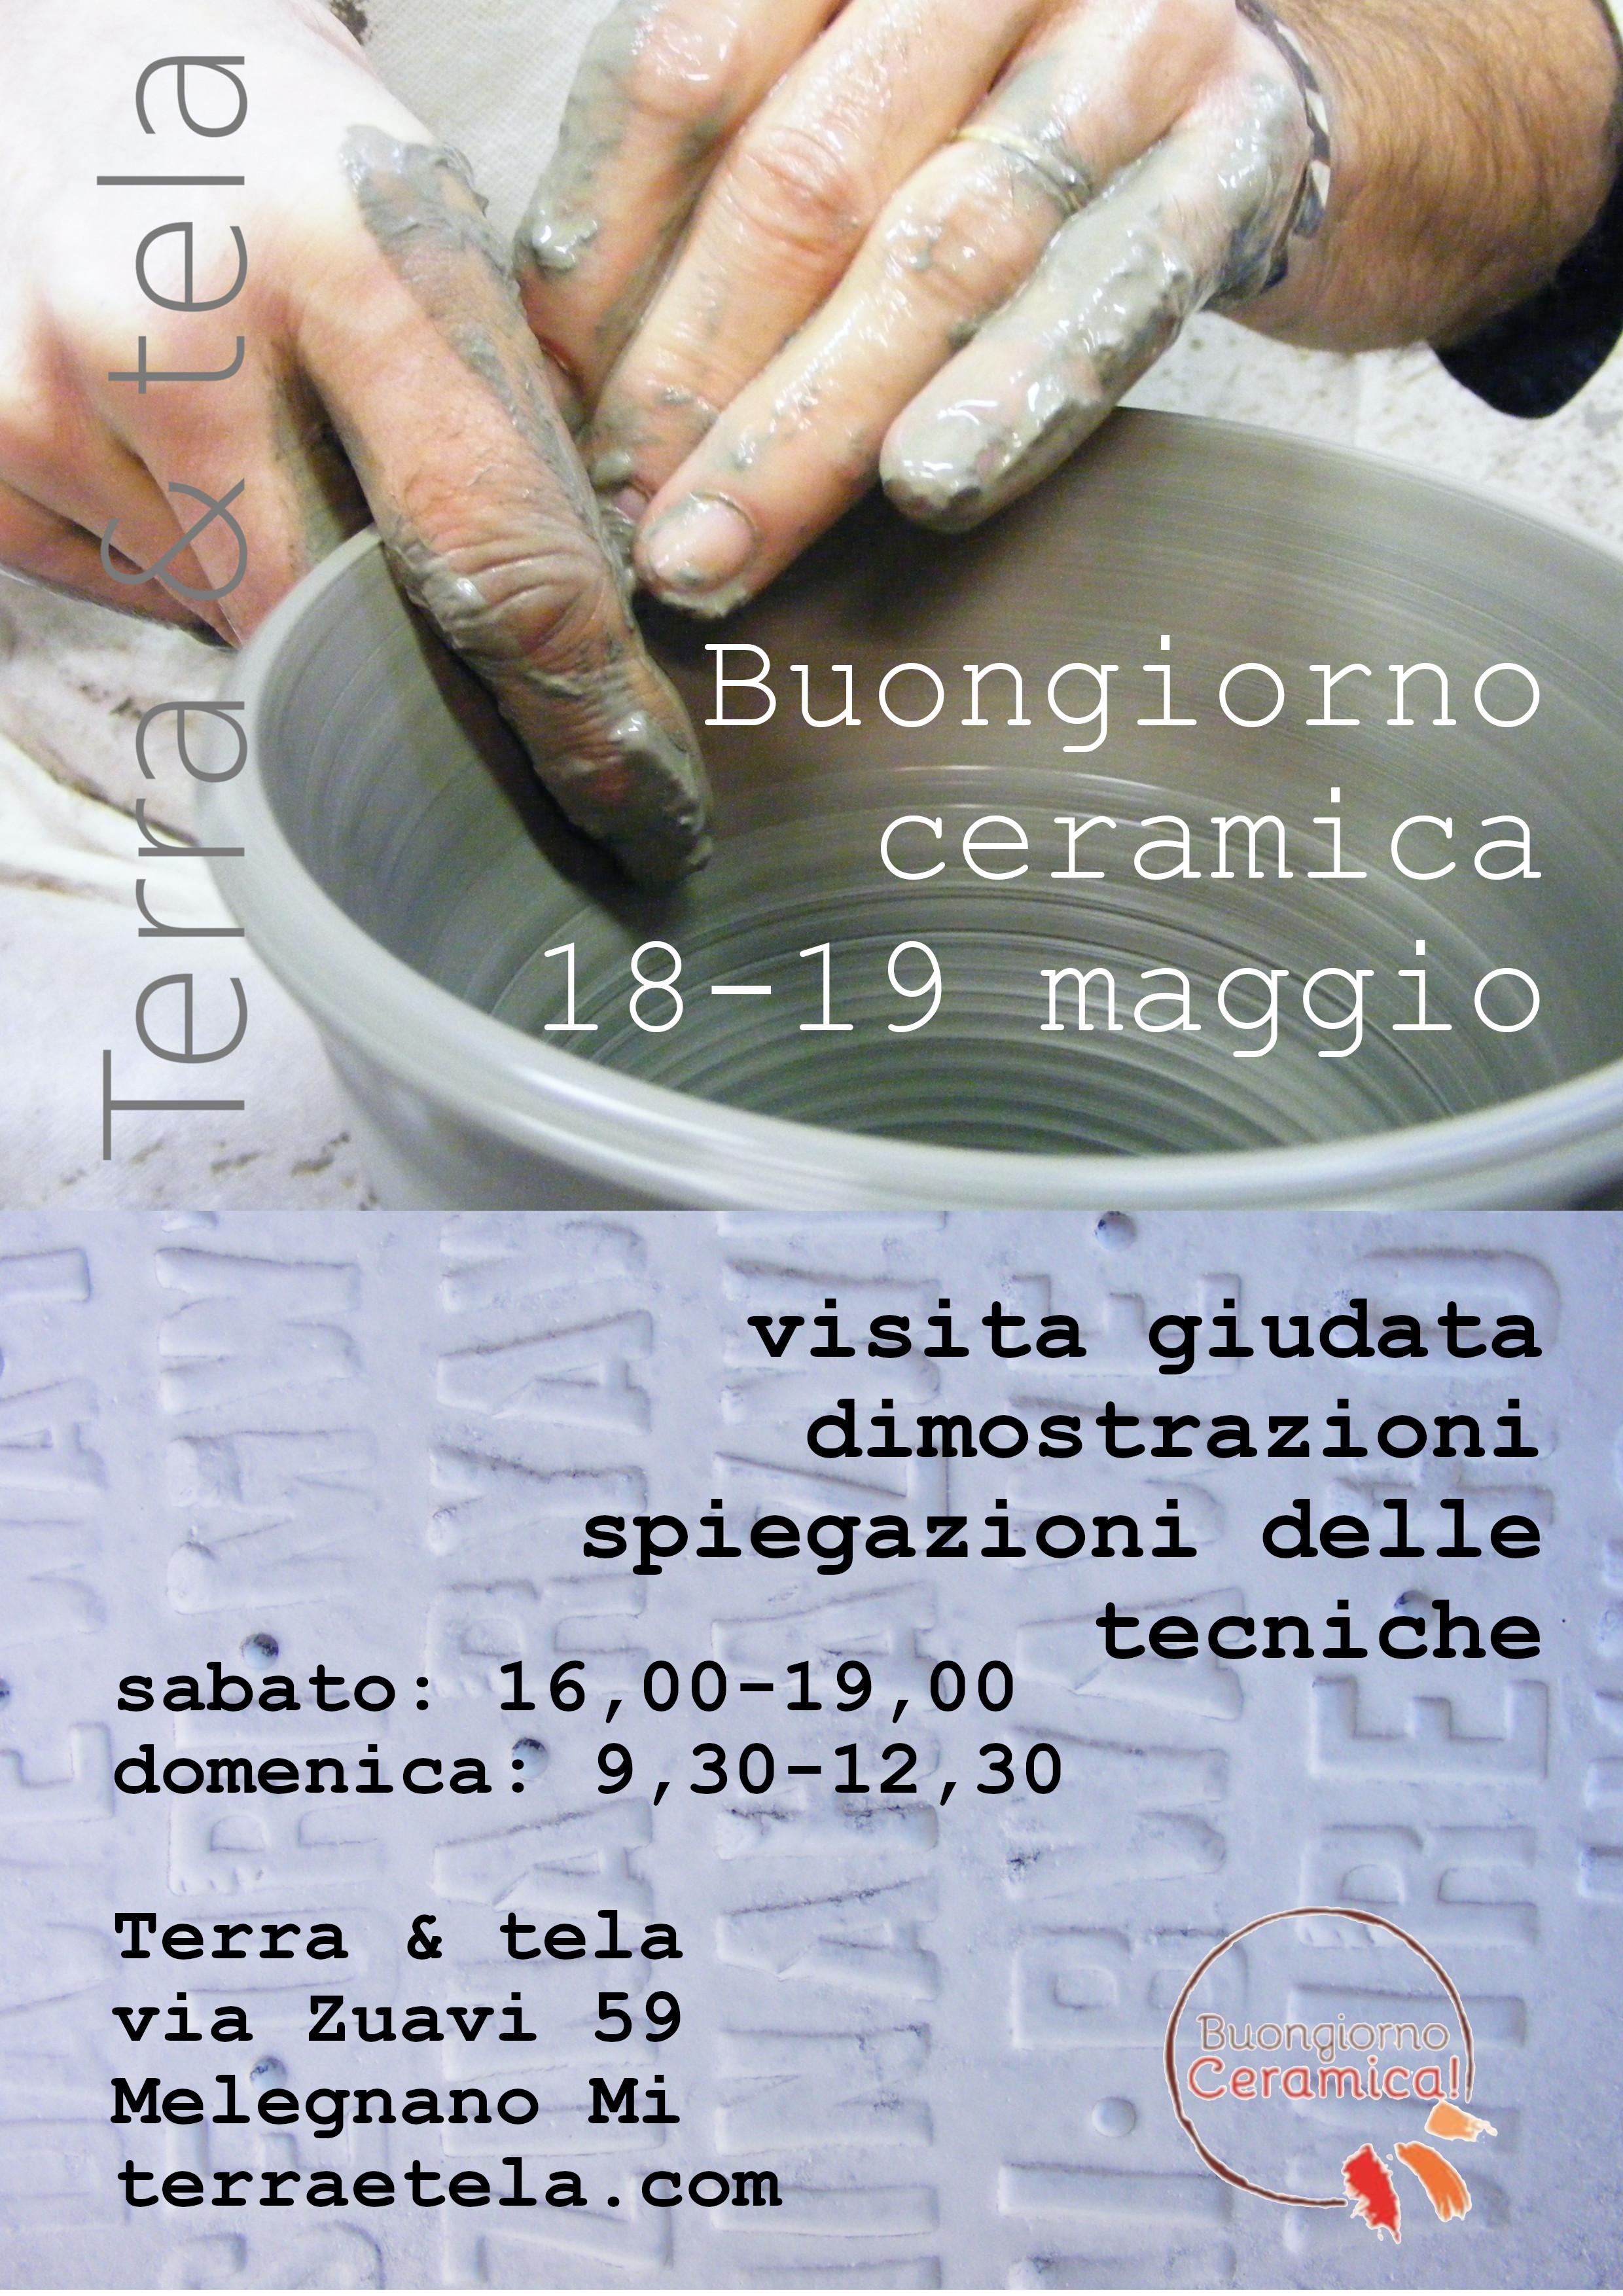 buongiorno ceramica 19